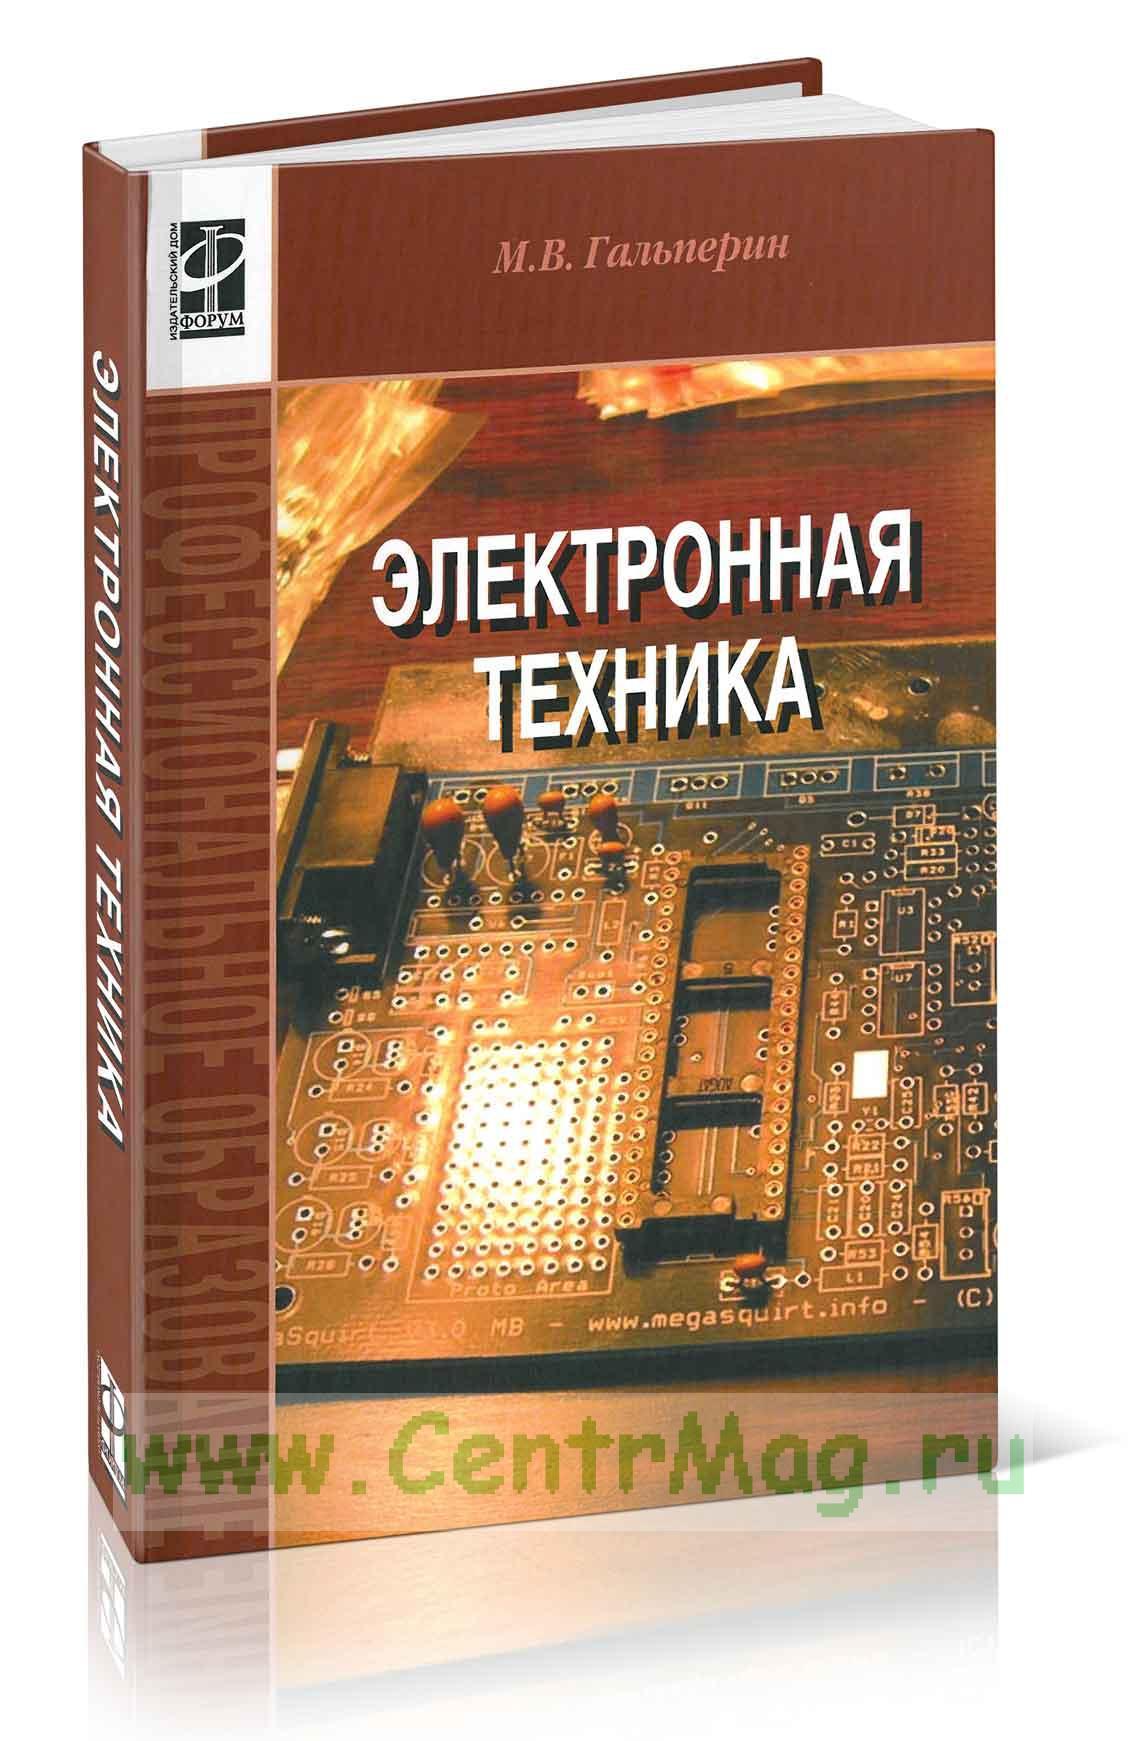 Электронная техника: учебник (2-е издание, исправленное и дополненное)